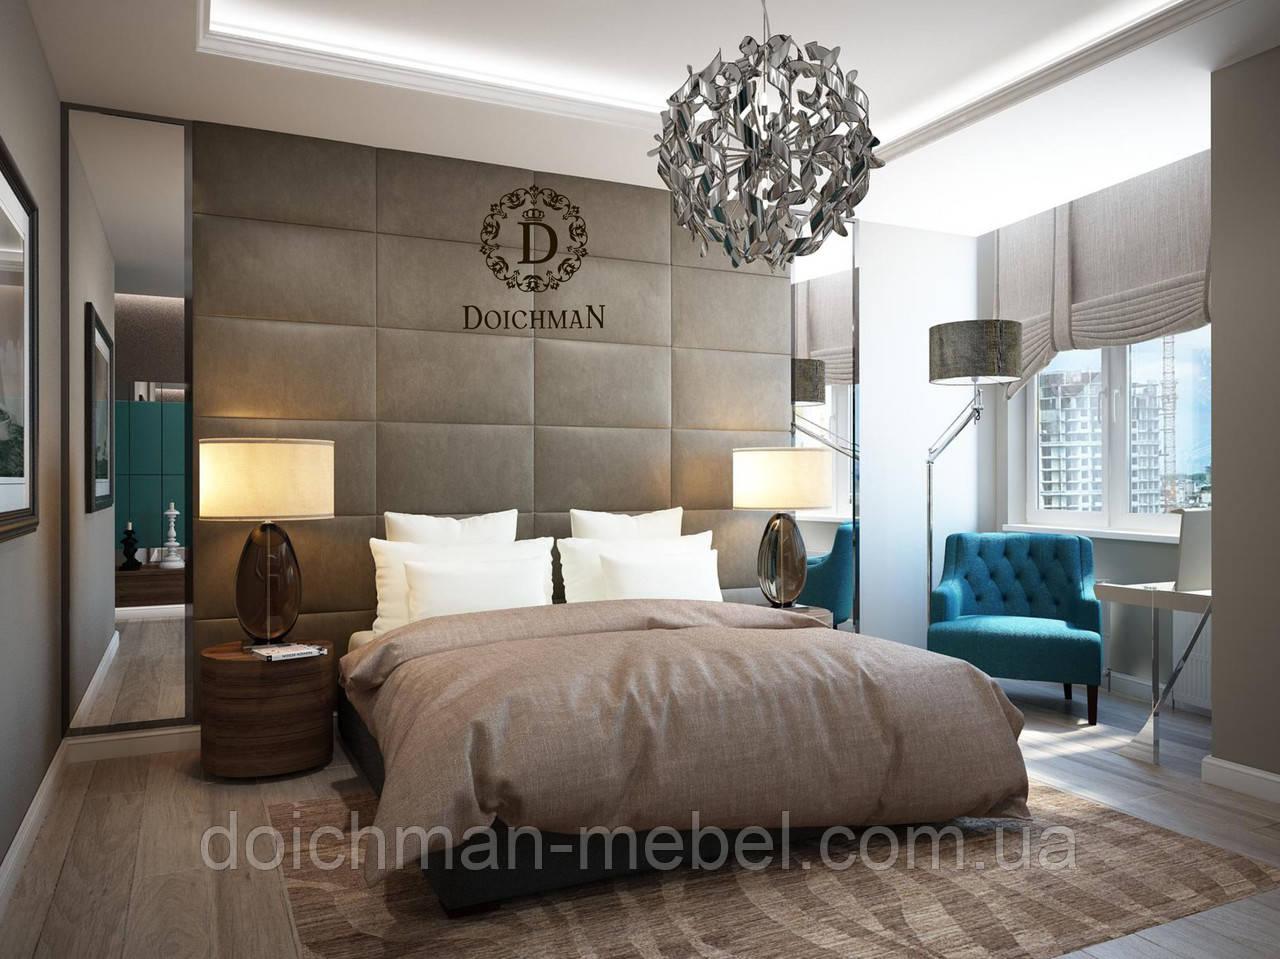 Кровать в спальню с большой стеновой панелью на всю стену